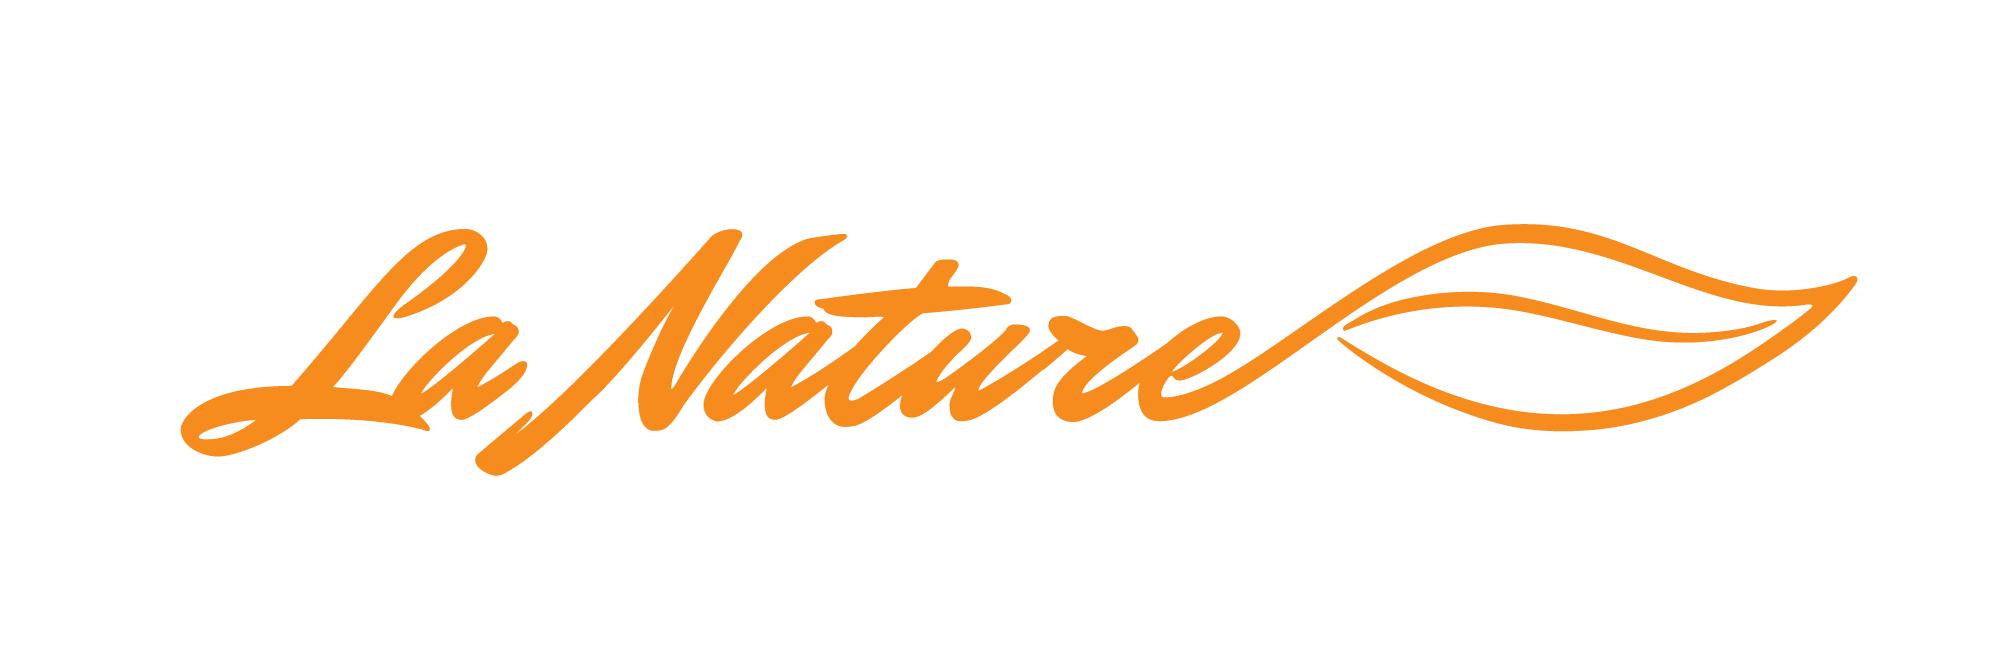 lanature-logo